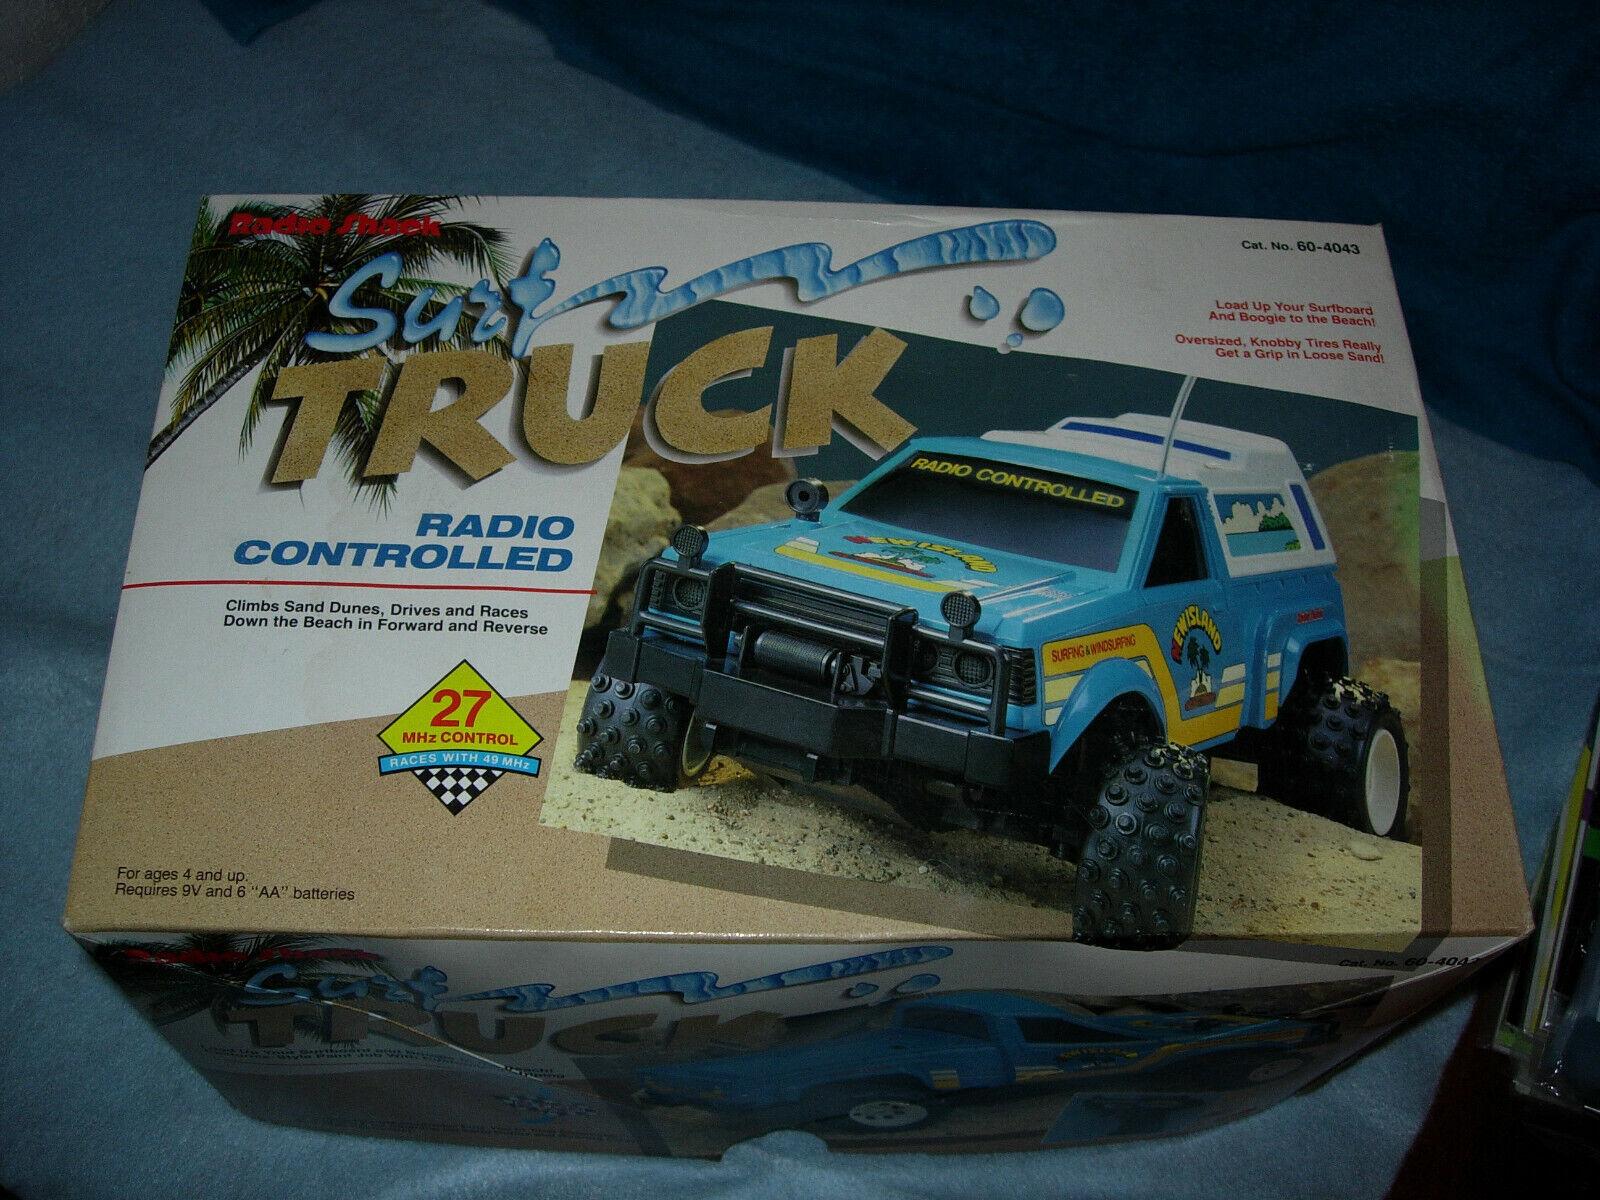 1991 Radio Shack Radio Control Surf camión Cat. Nº 60-4043